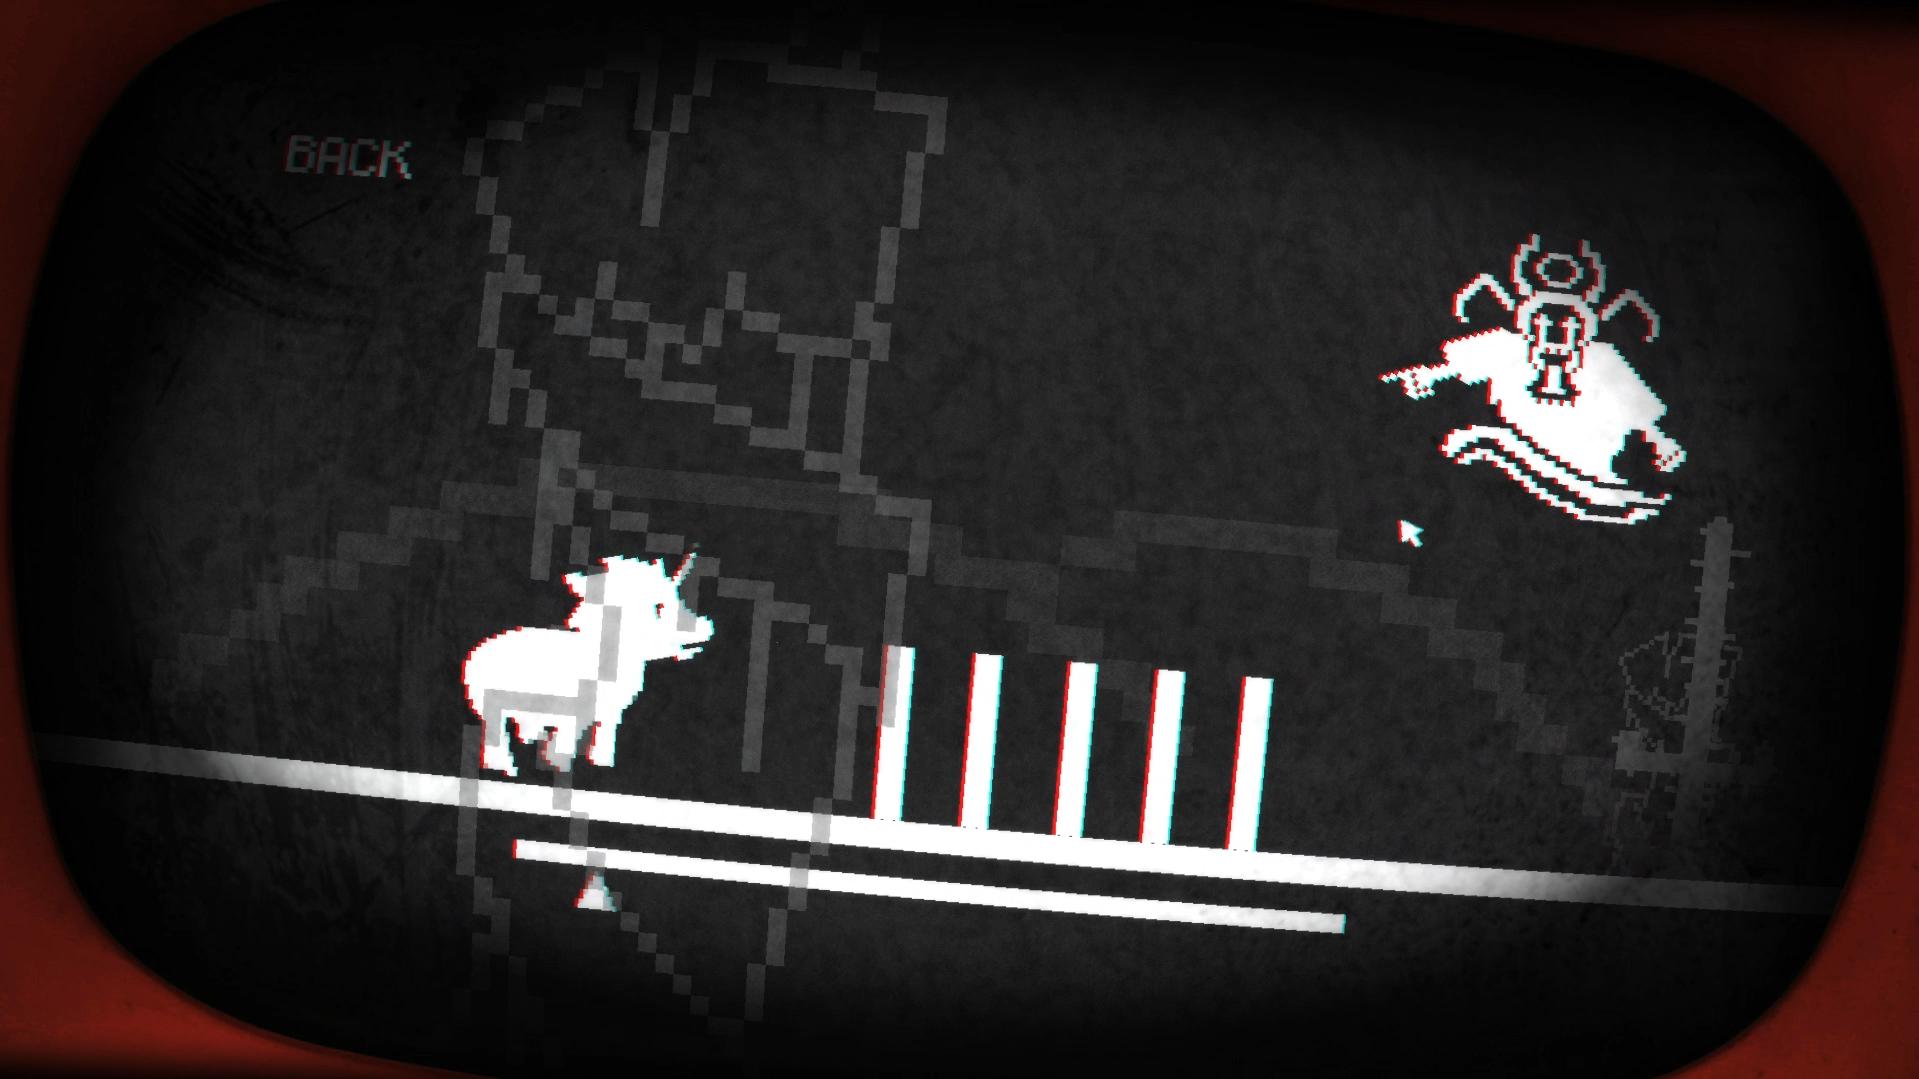 Imagem do jogo Pony Island, tema do Falange Indie 10. A imagem mostra um pônei em um jogo 2D de correr e saltar obstáculos.